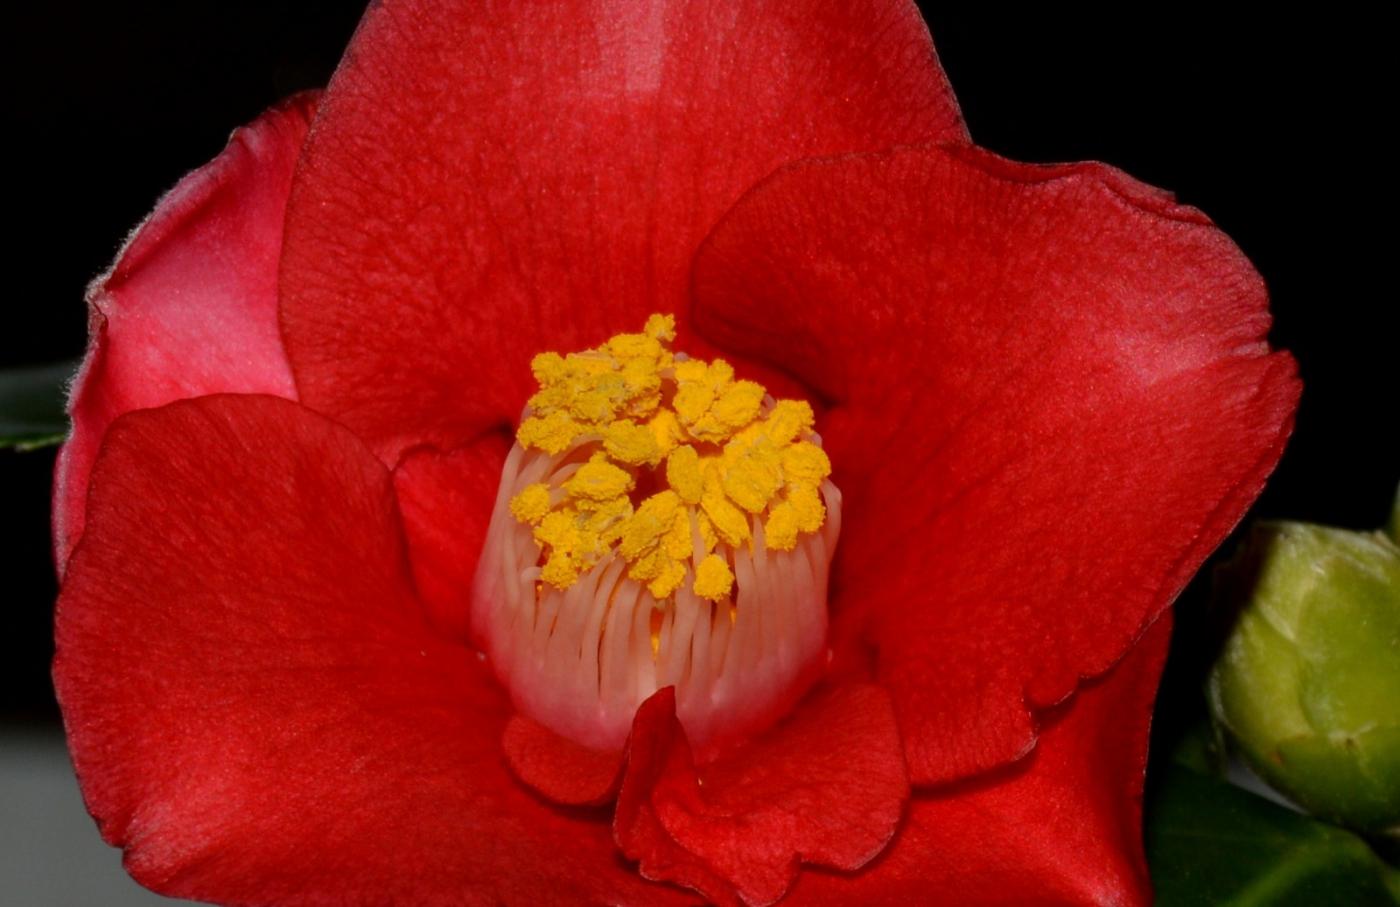 美丽的花蕊 (1)_图1-7